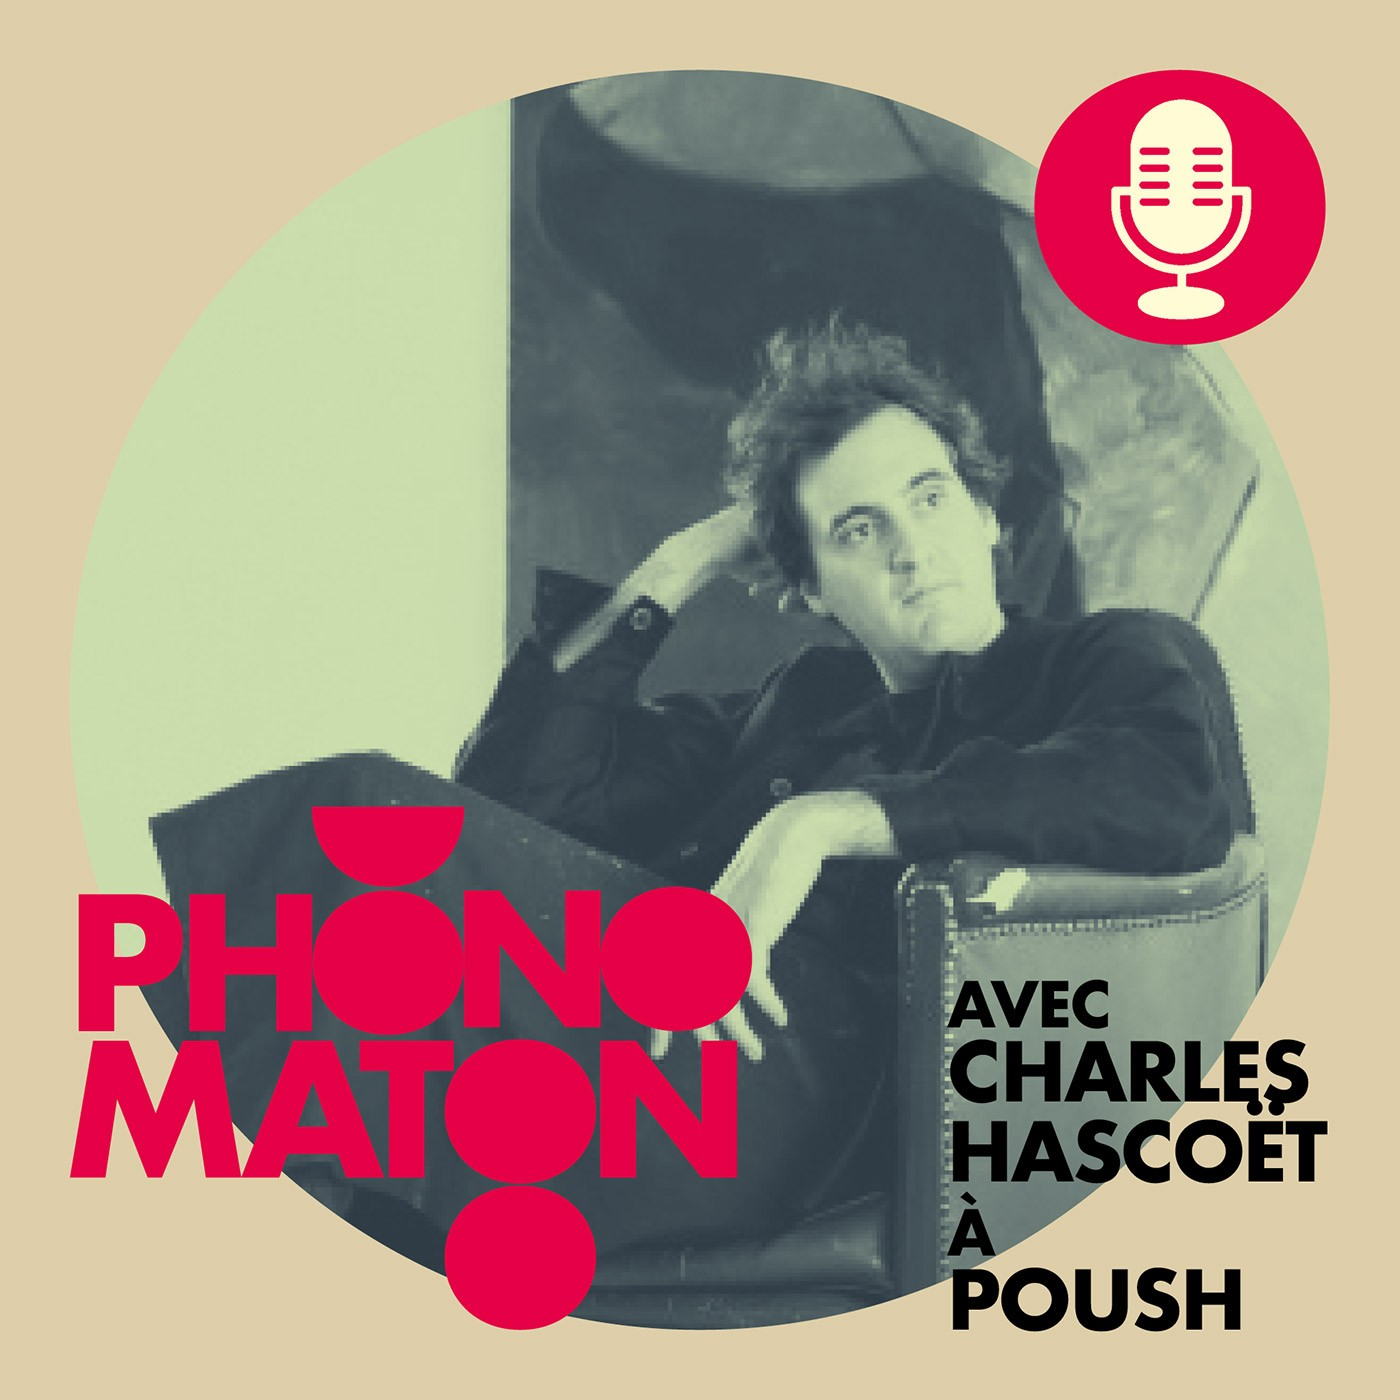 Phonomaton avec Charles Hascoët à Poush